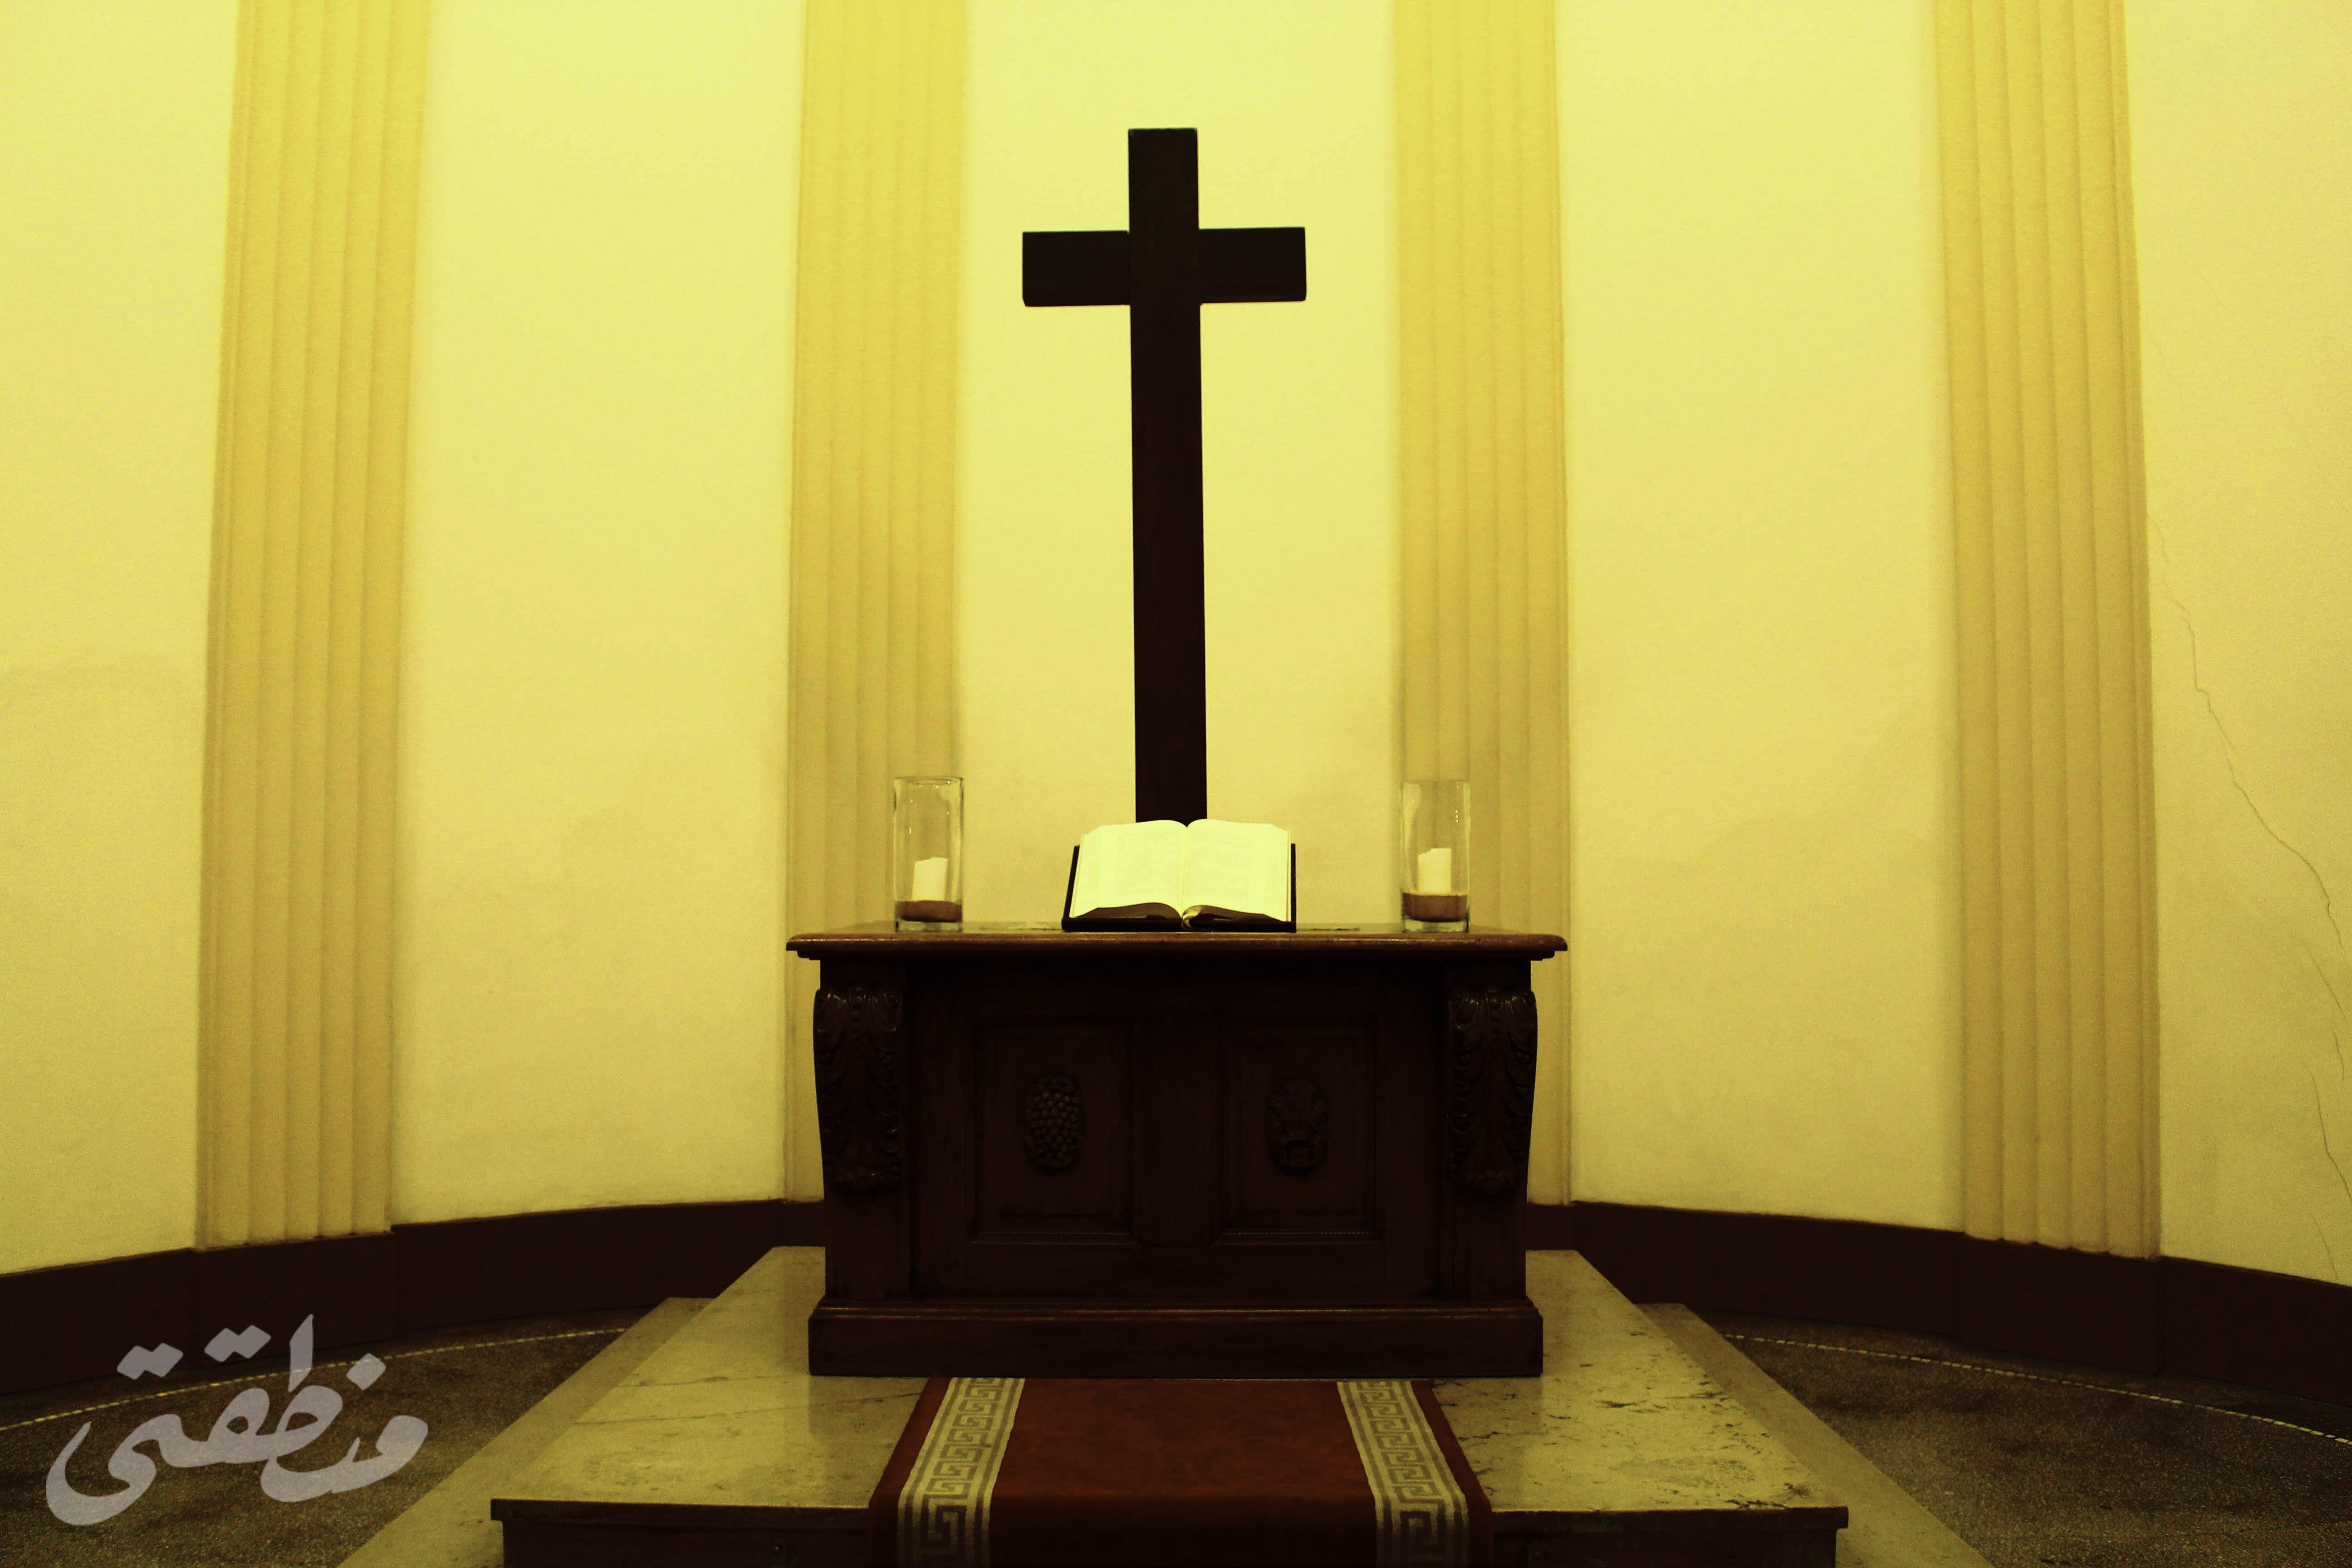 الكنيسة الإنجيلية الألمانية - تصوير - صديق البخشونجي